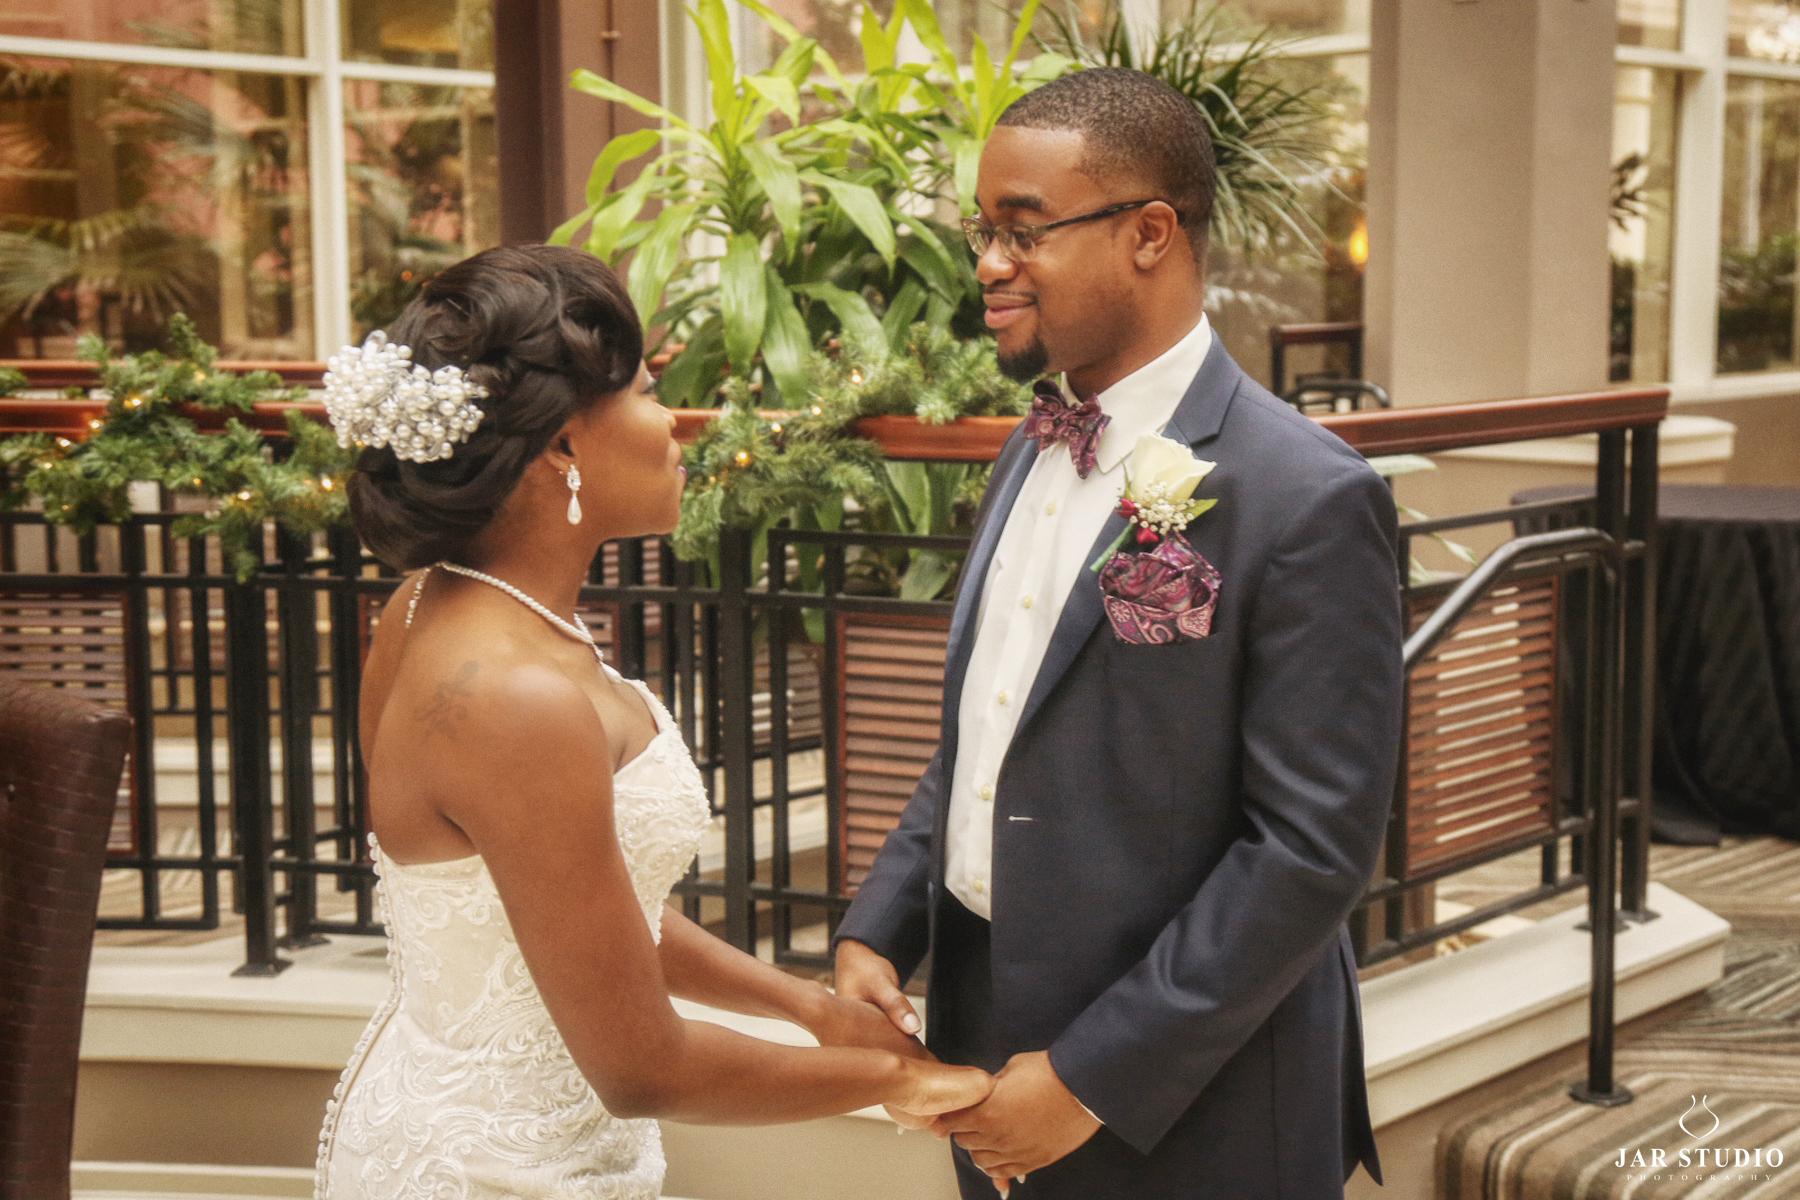 13-jarstudio-wedding-photographer.JPG